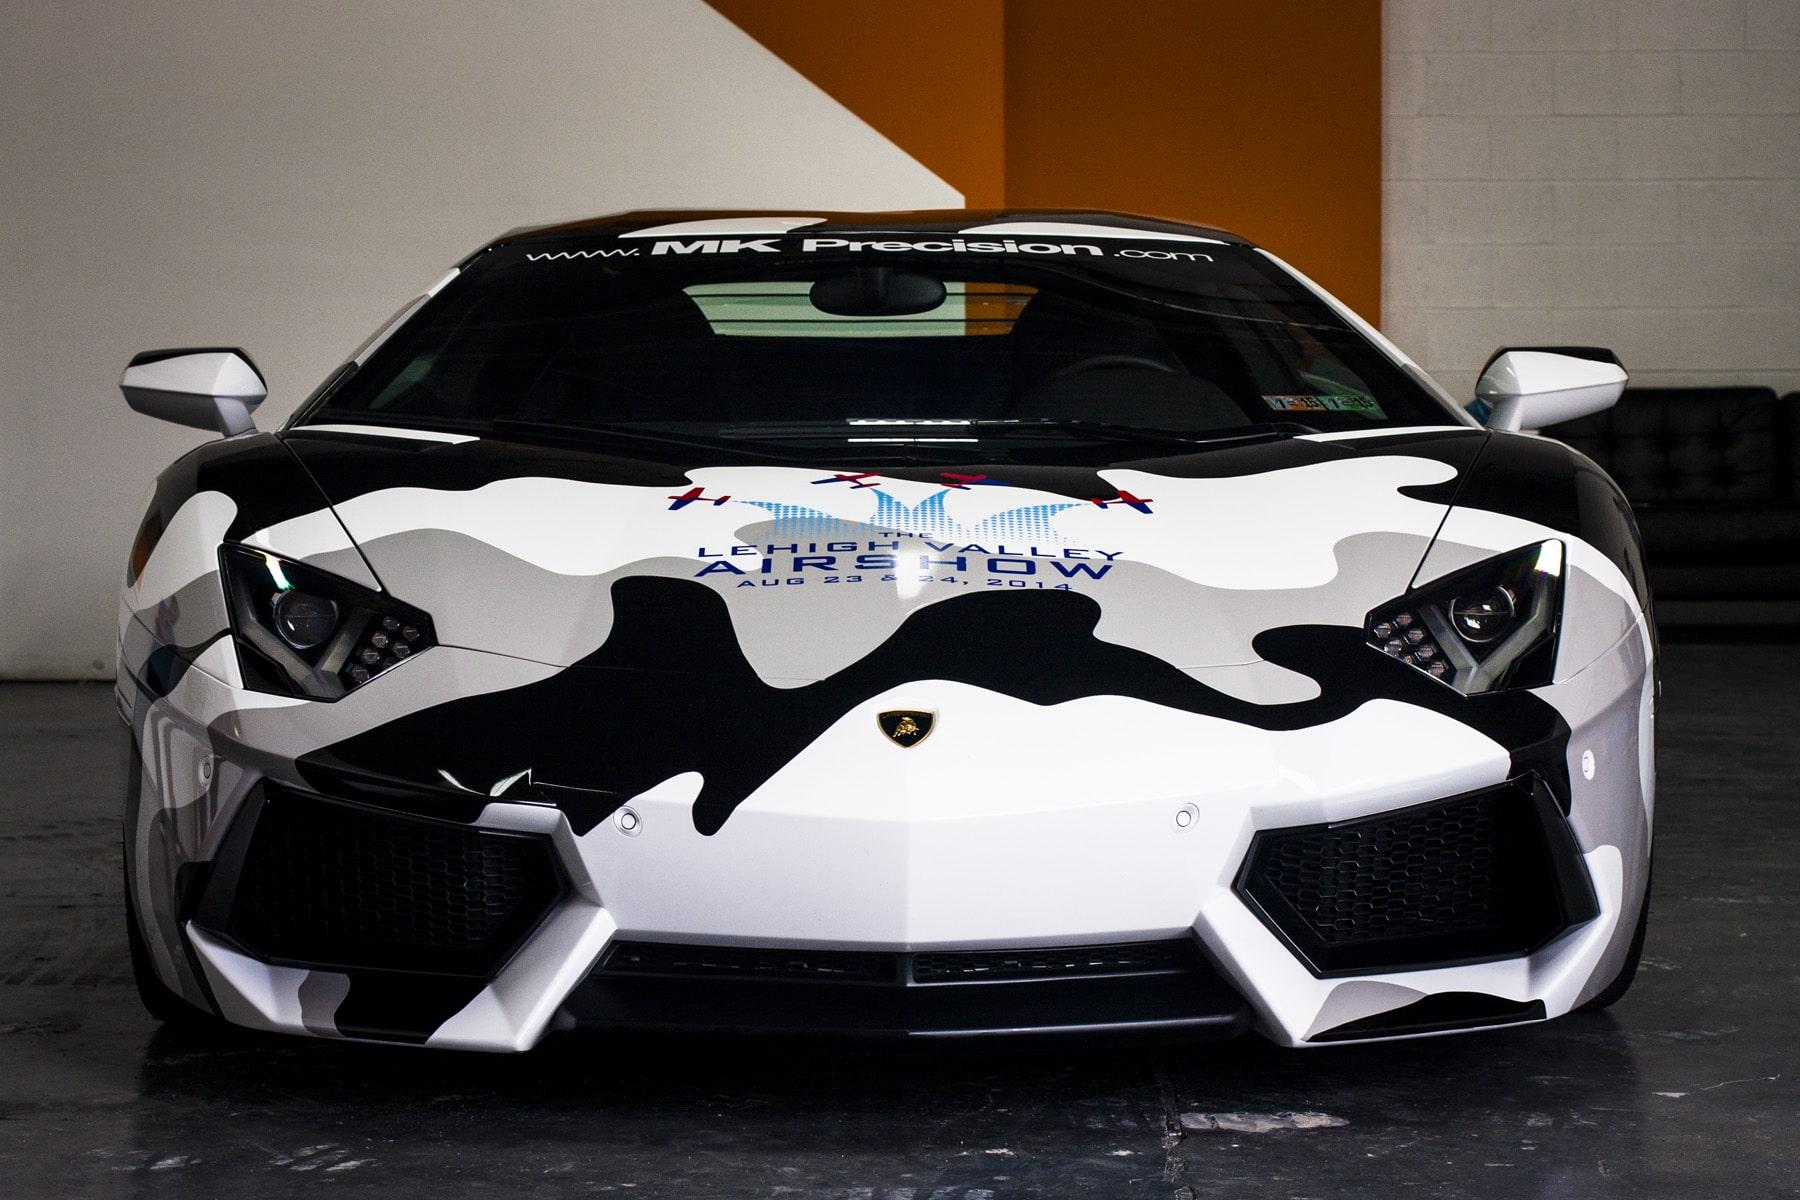 MK Precision Lamborghini Aventador Camouflage Wrap - Front View